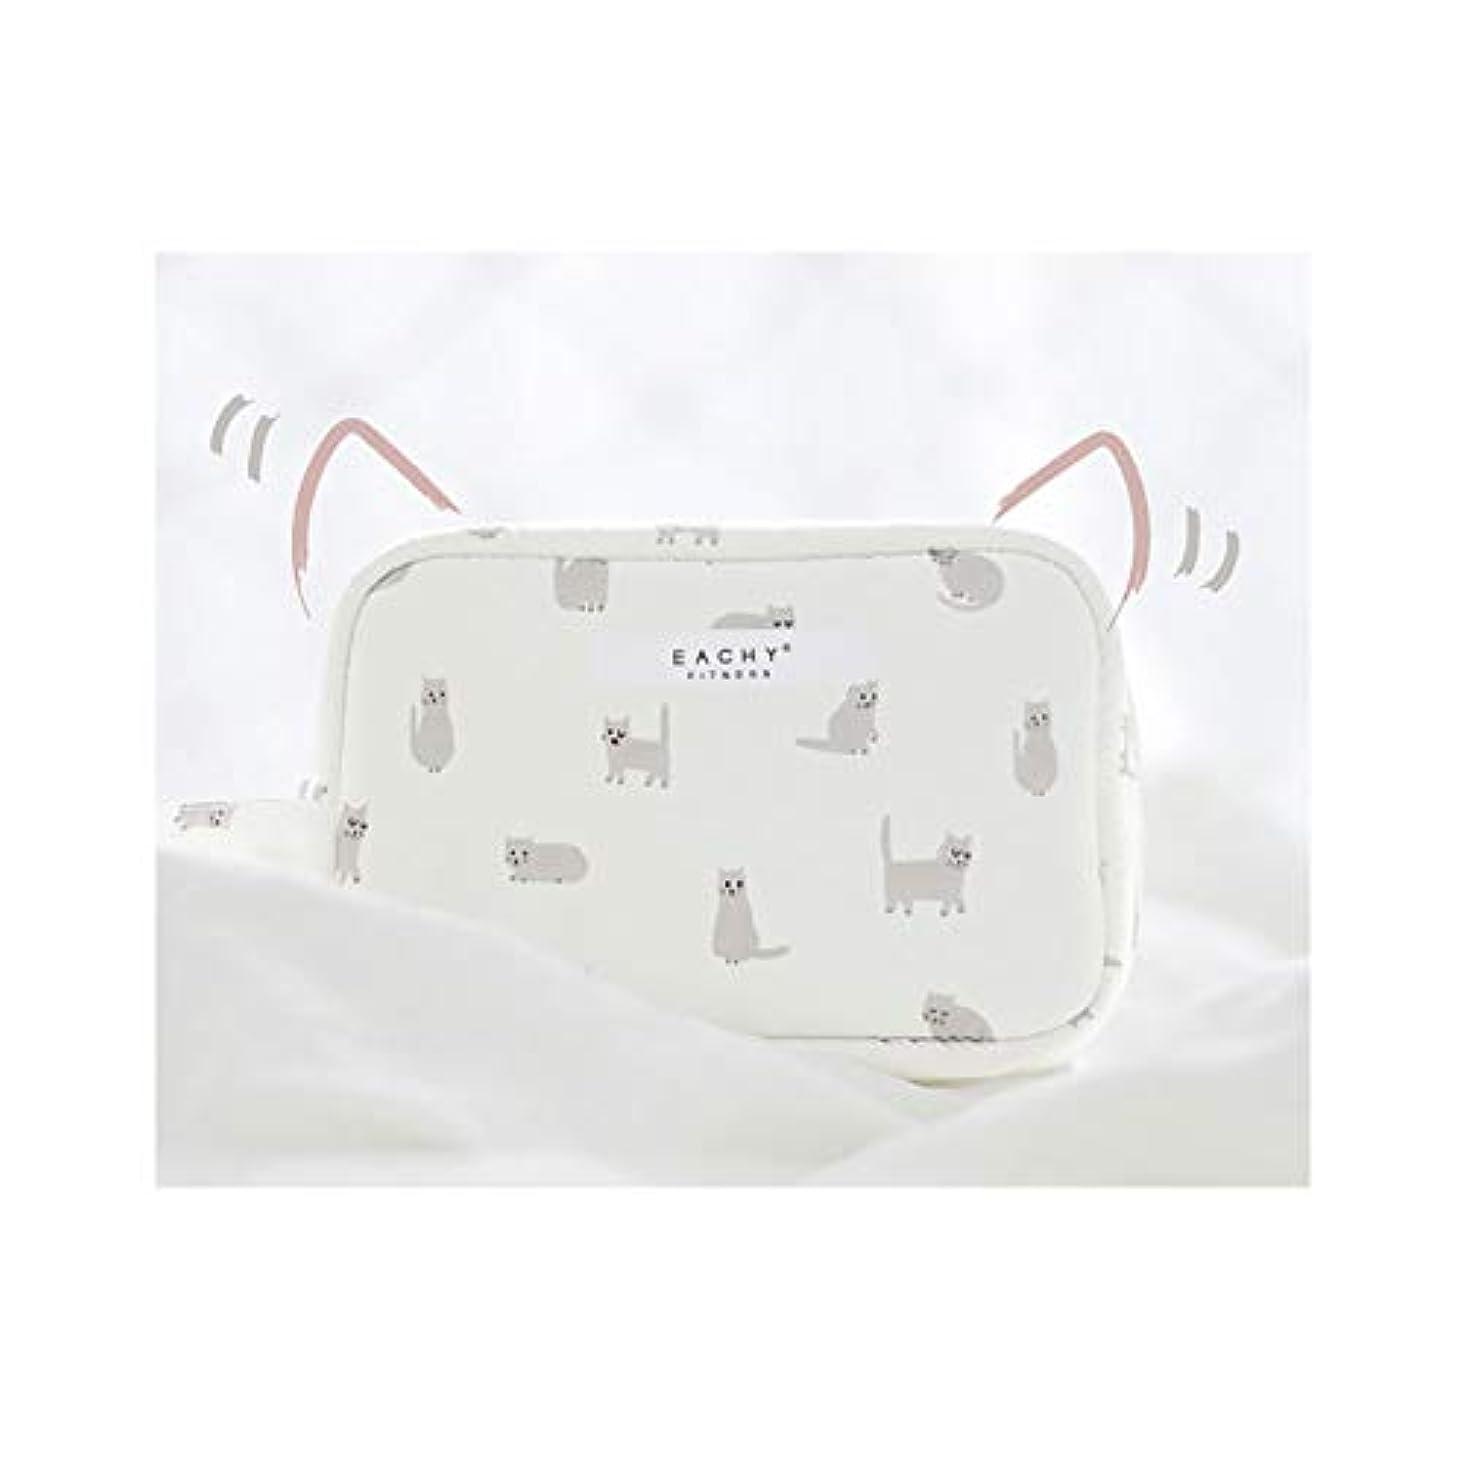 かんたん自動的に略奪NEOVIVA 化粧ポーチ コスメポーチ メイク収納バッグ かわいい 軽量 防水 旅行小物ポーチ 猫 ホワイト S